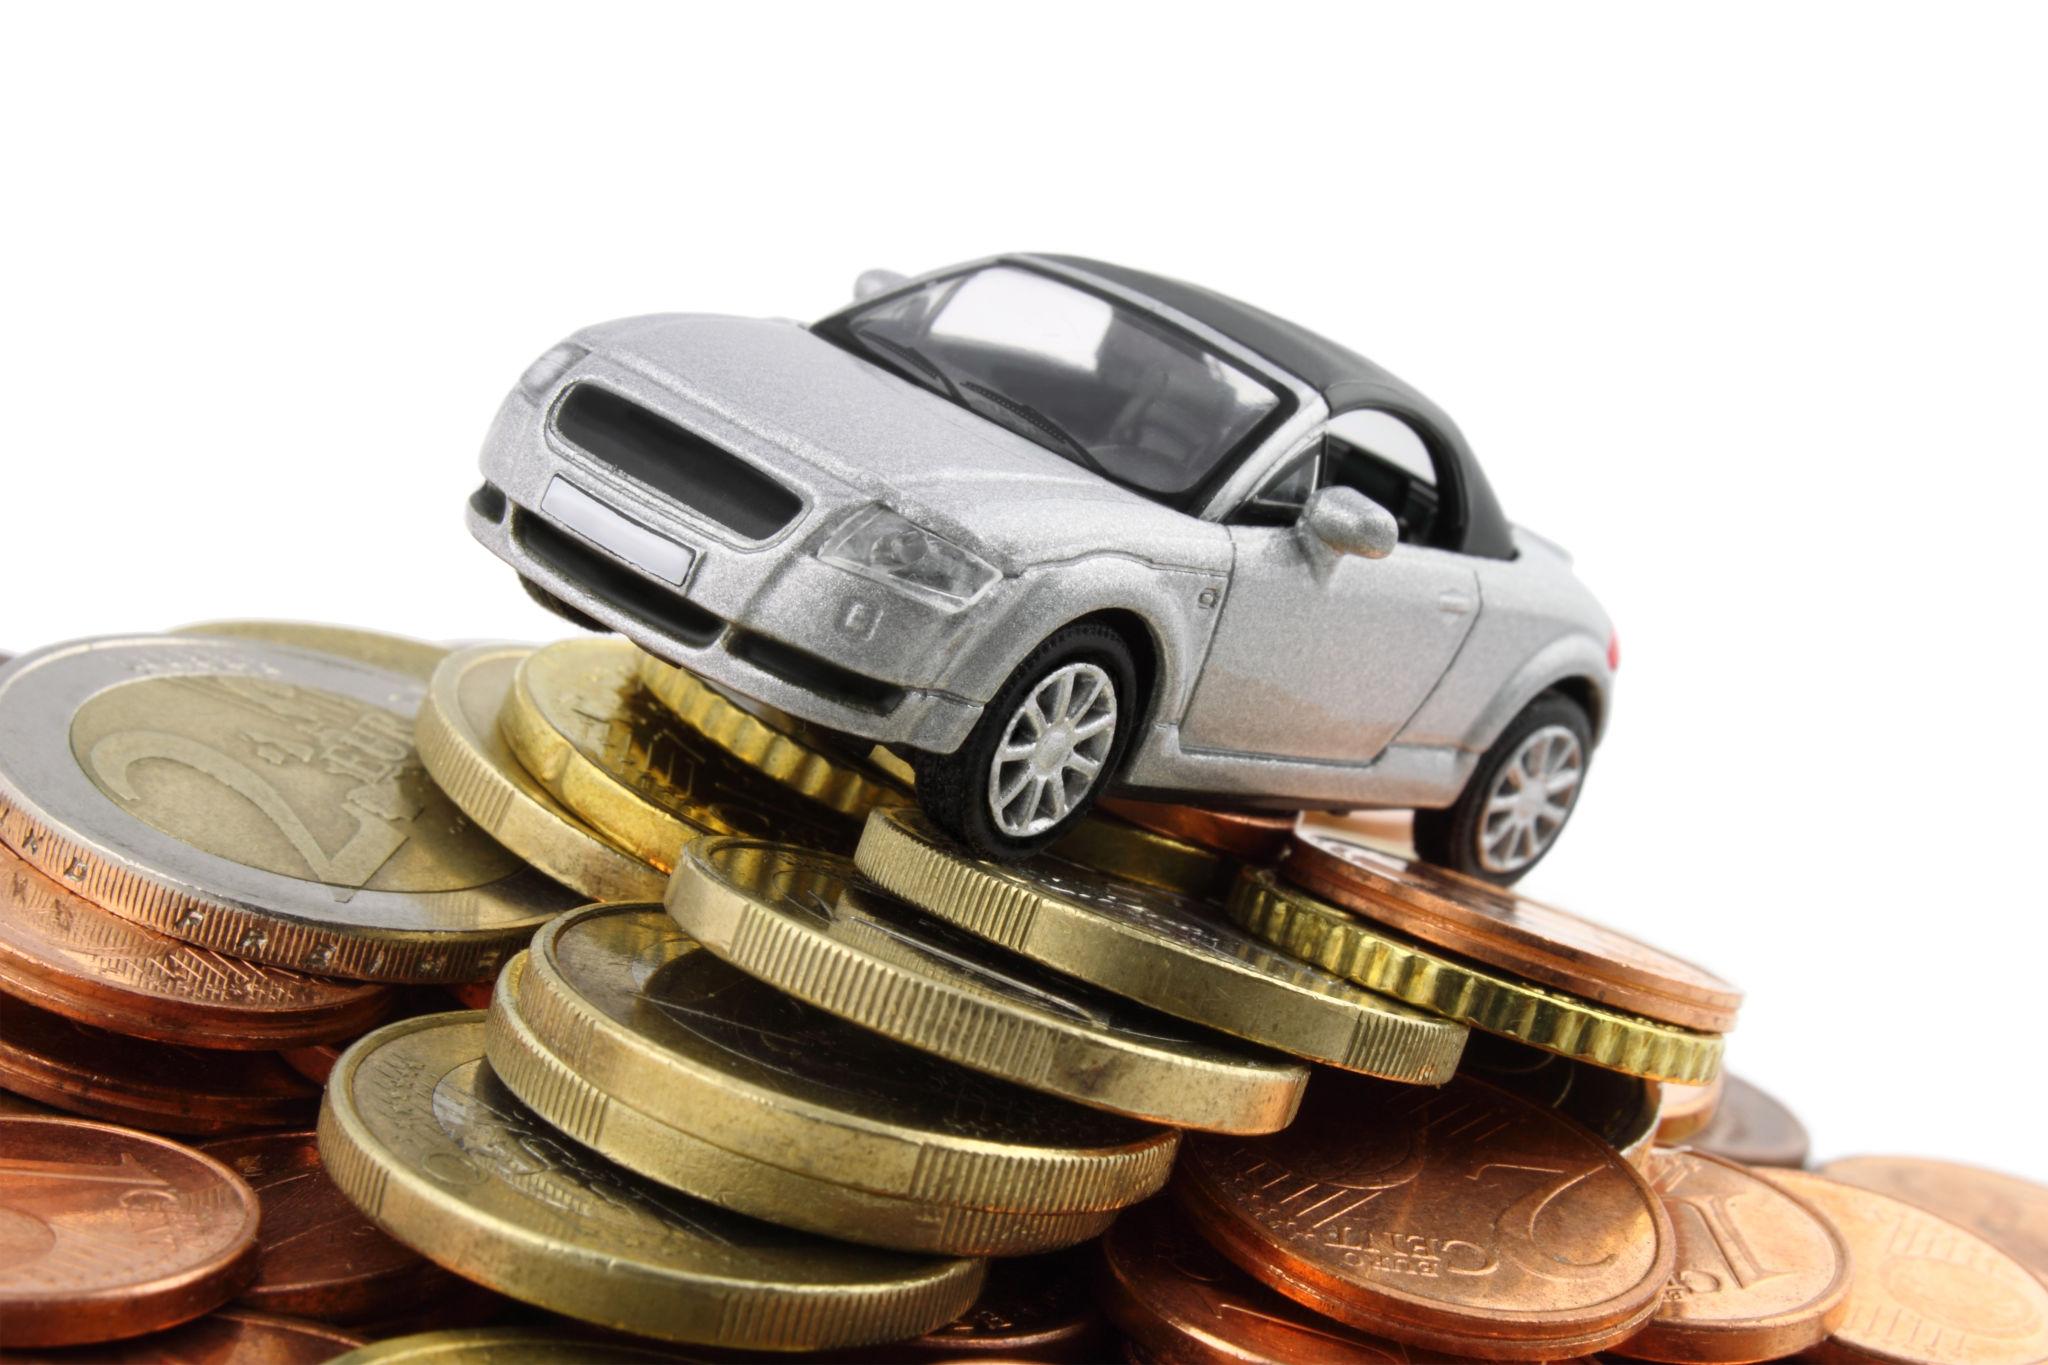 Как взять кредит под ПТС автомобиля в Екатеринбурге